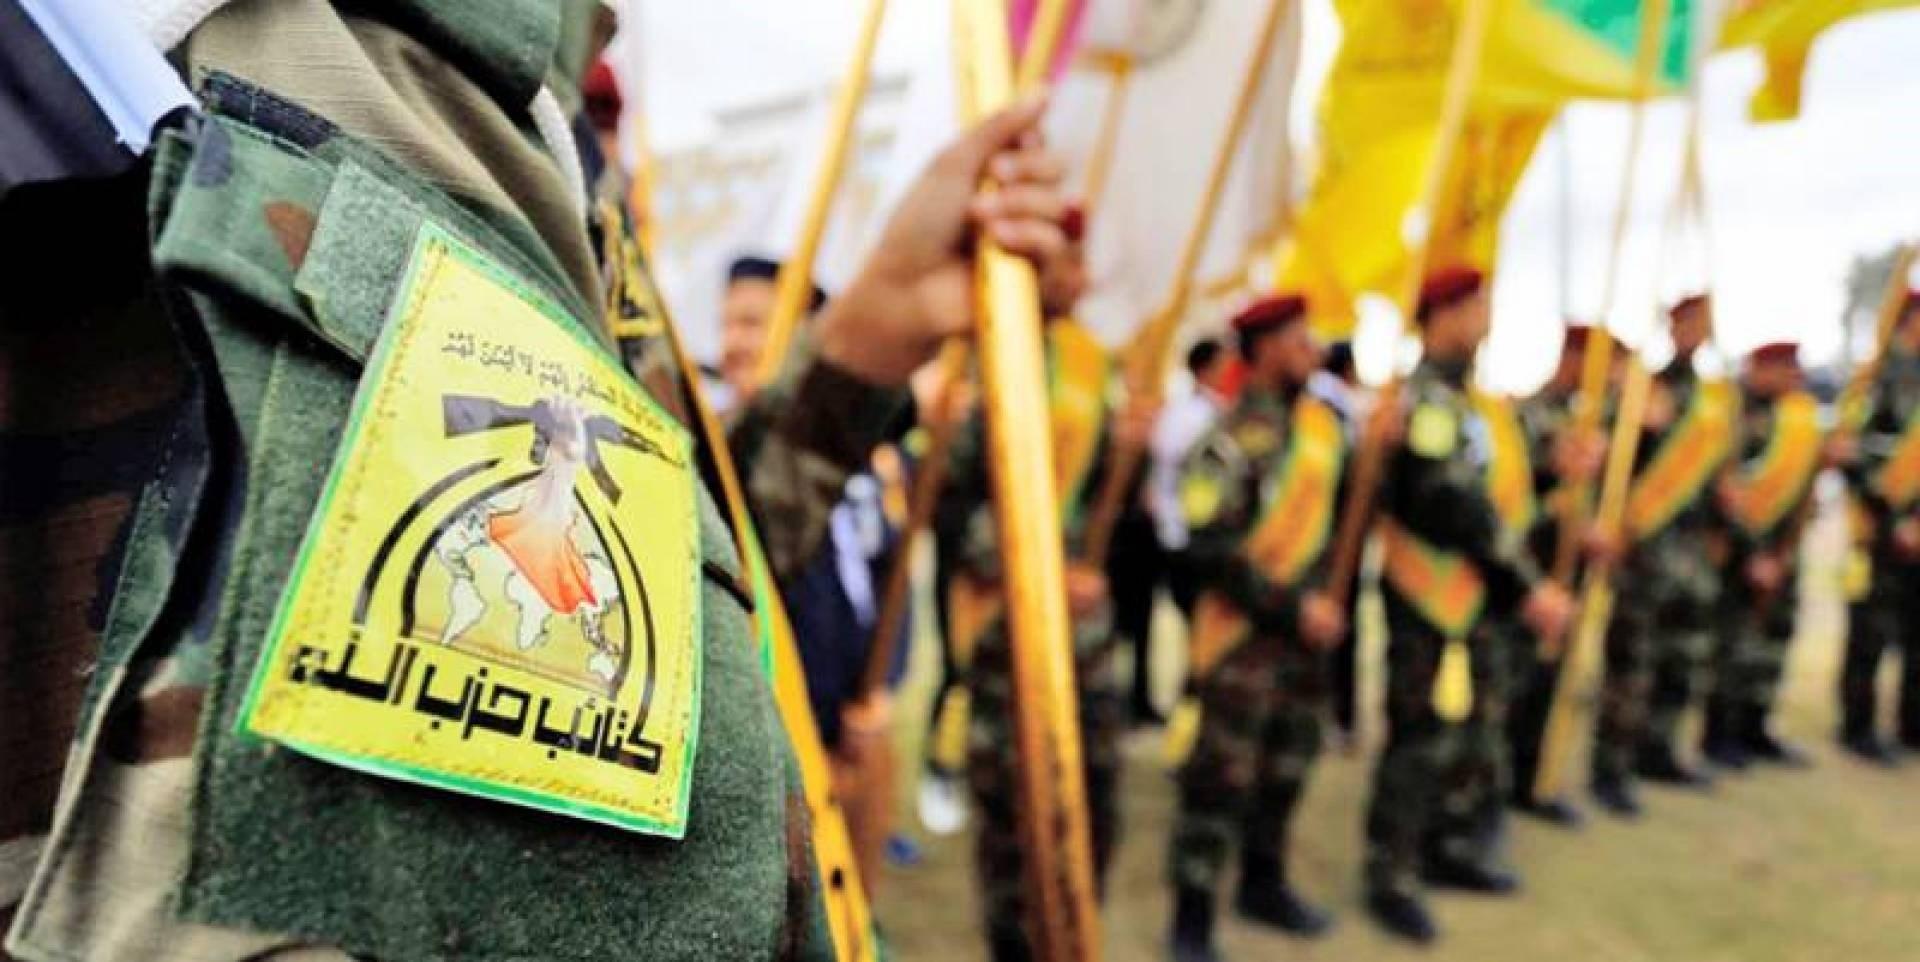 كتائب حزب الله العراق تشيد باستهداف قصر اليمامة